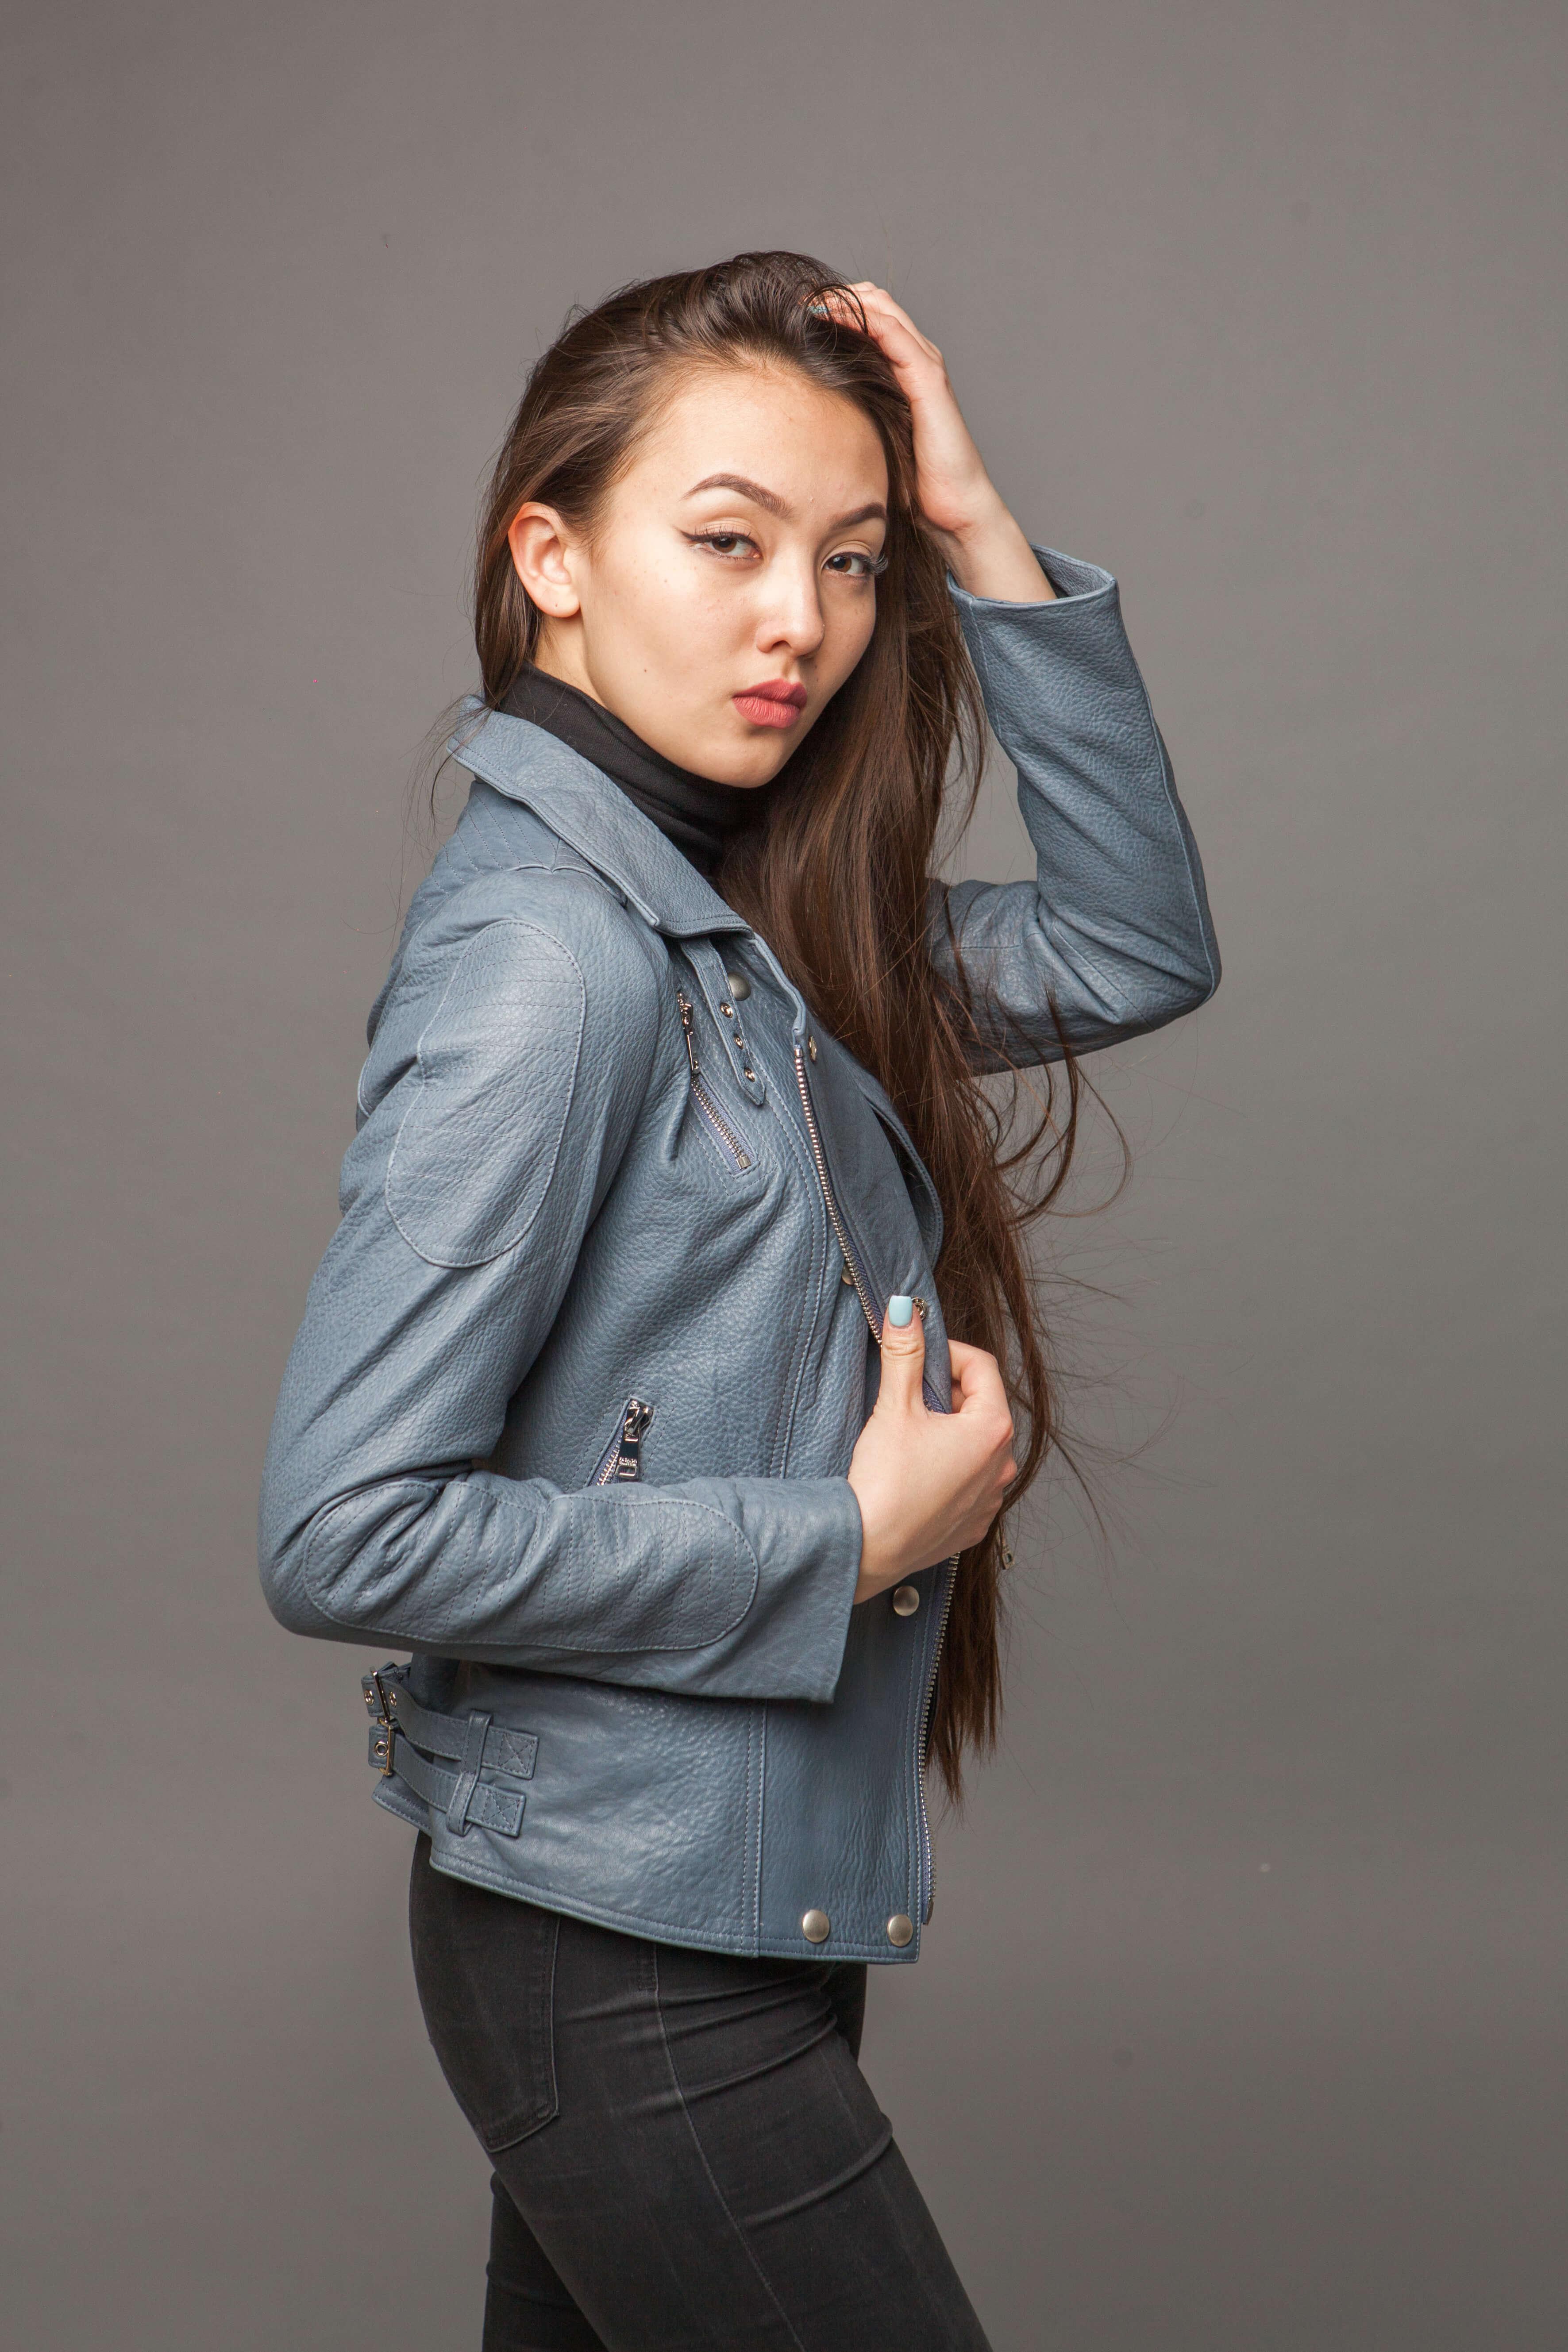 Кожаная куртка-косуха голубая. Фото 3